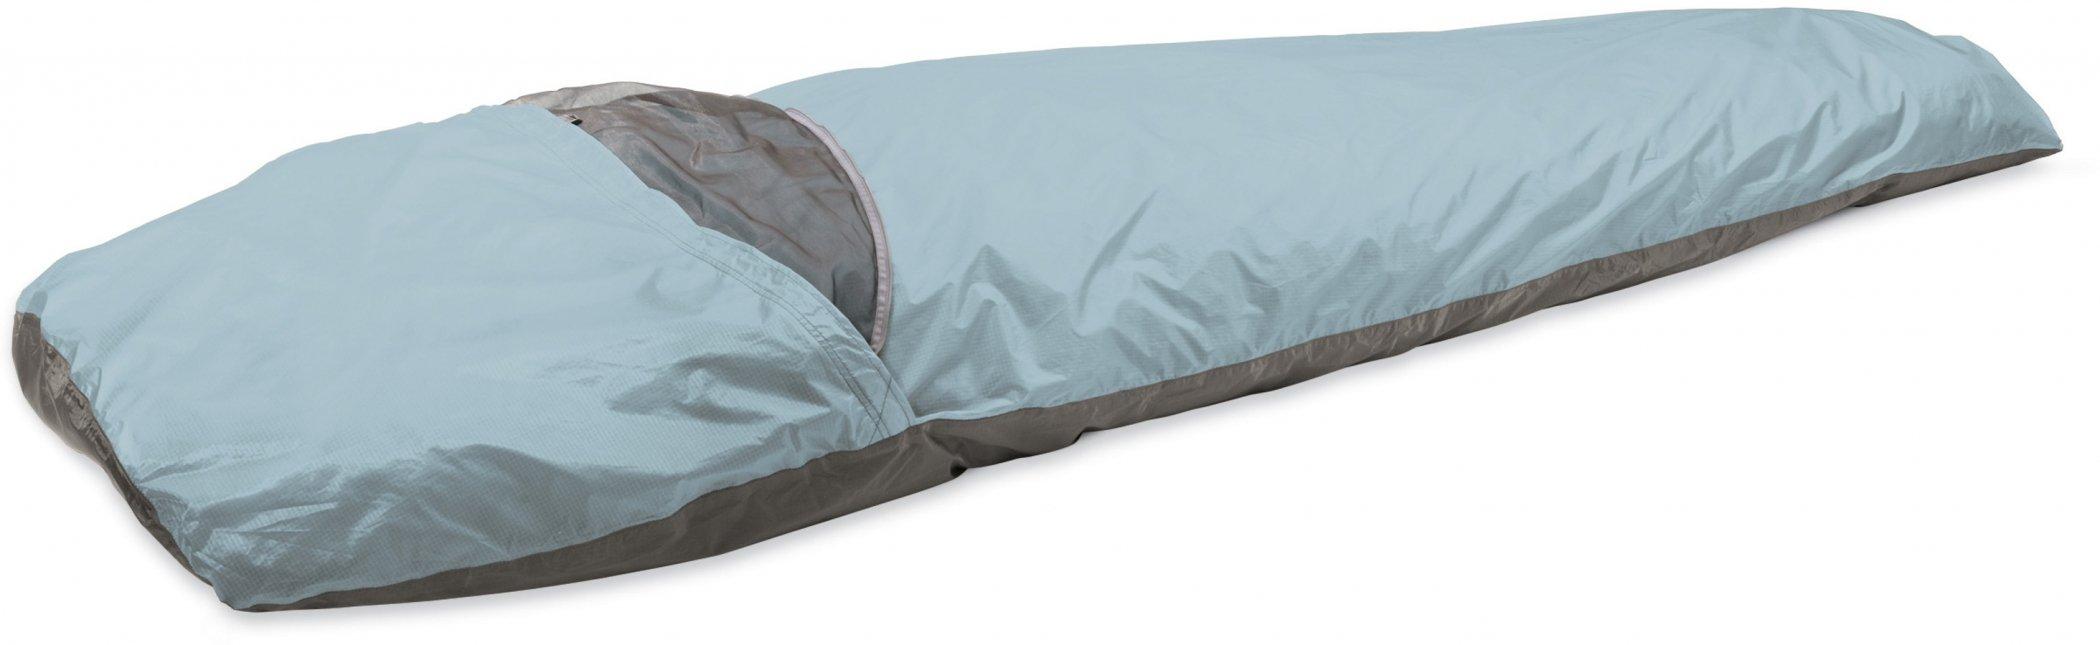 MSR AC Bivy Sleeping Bag by MSR